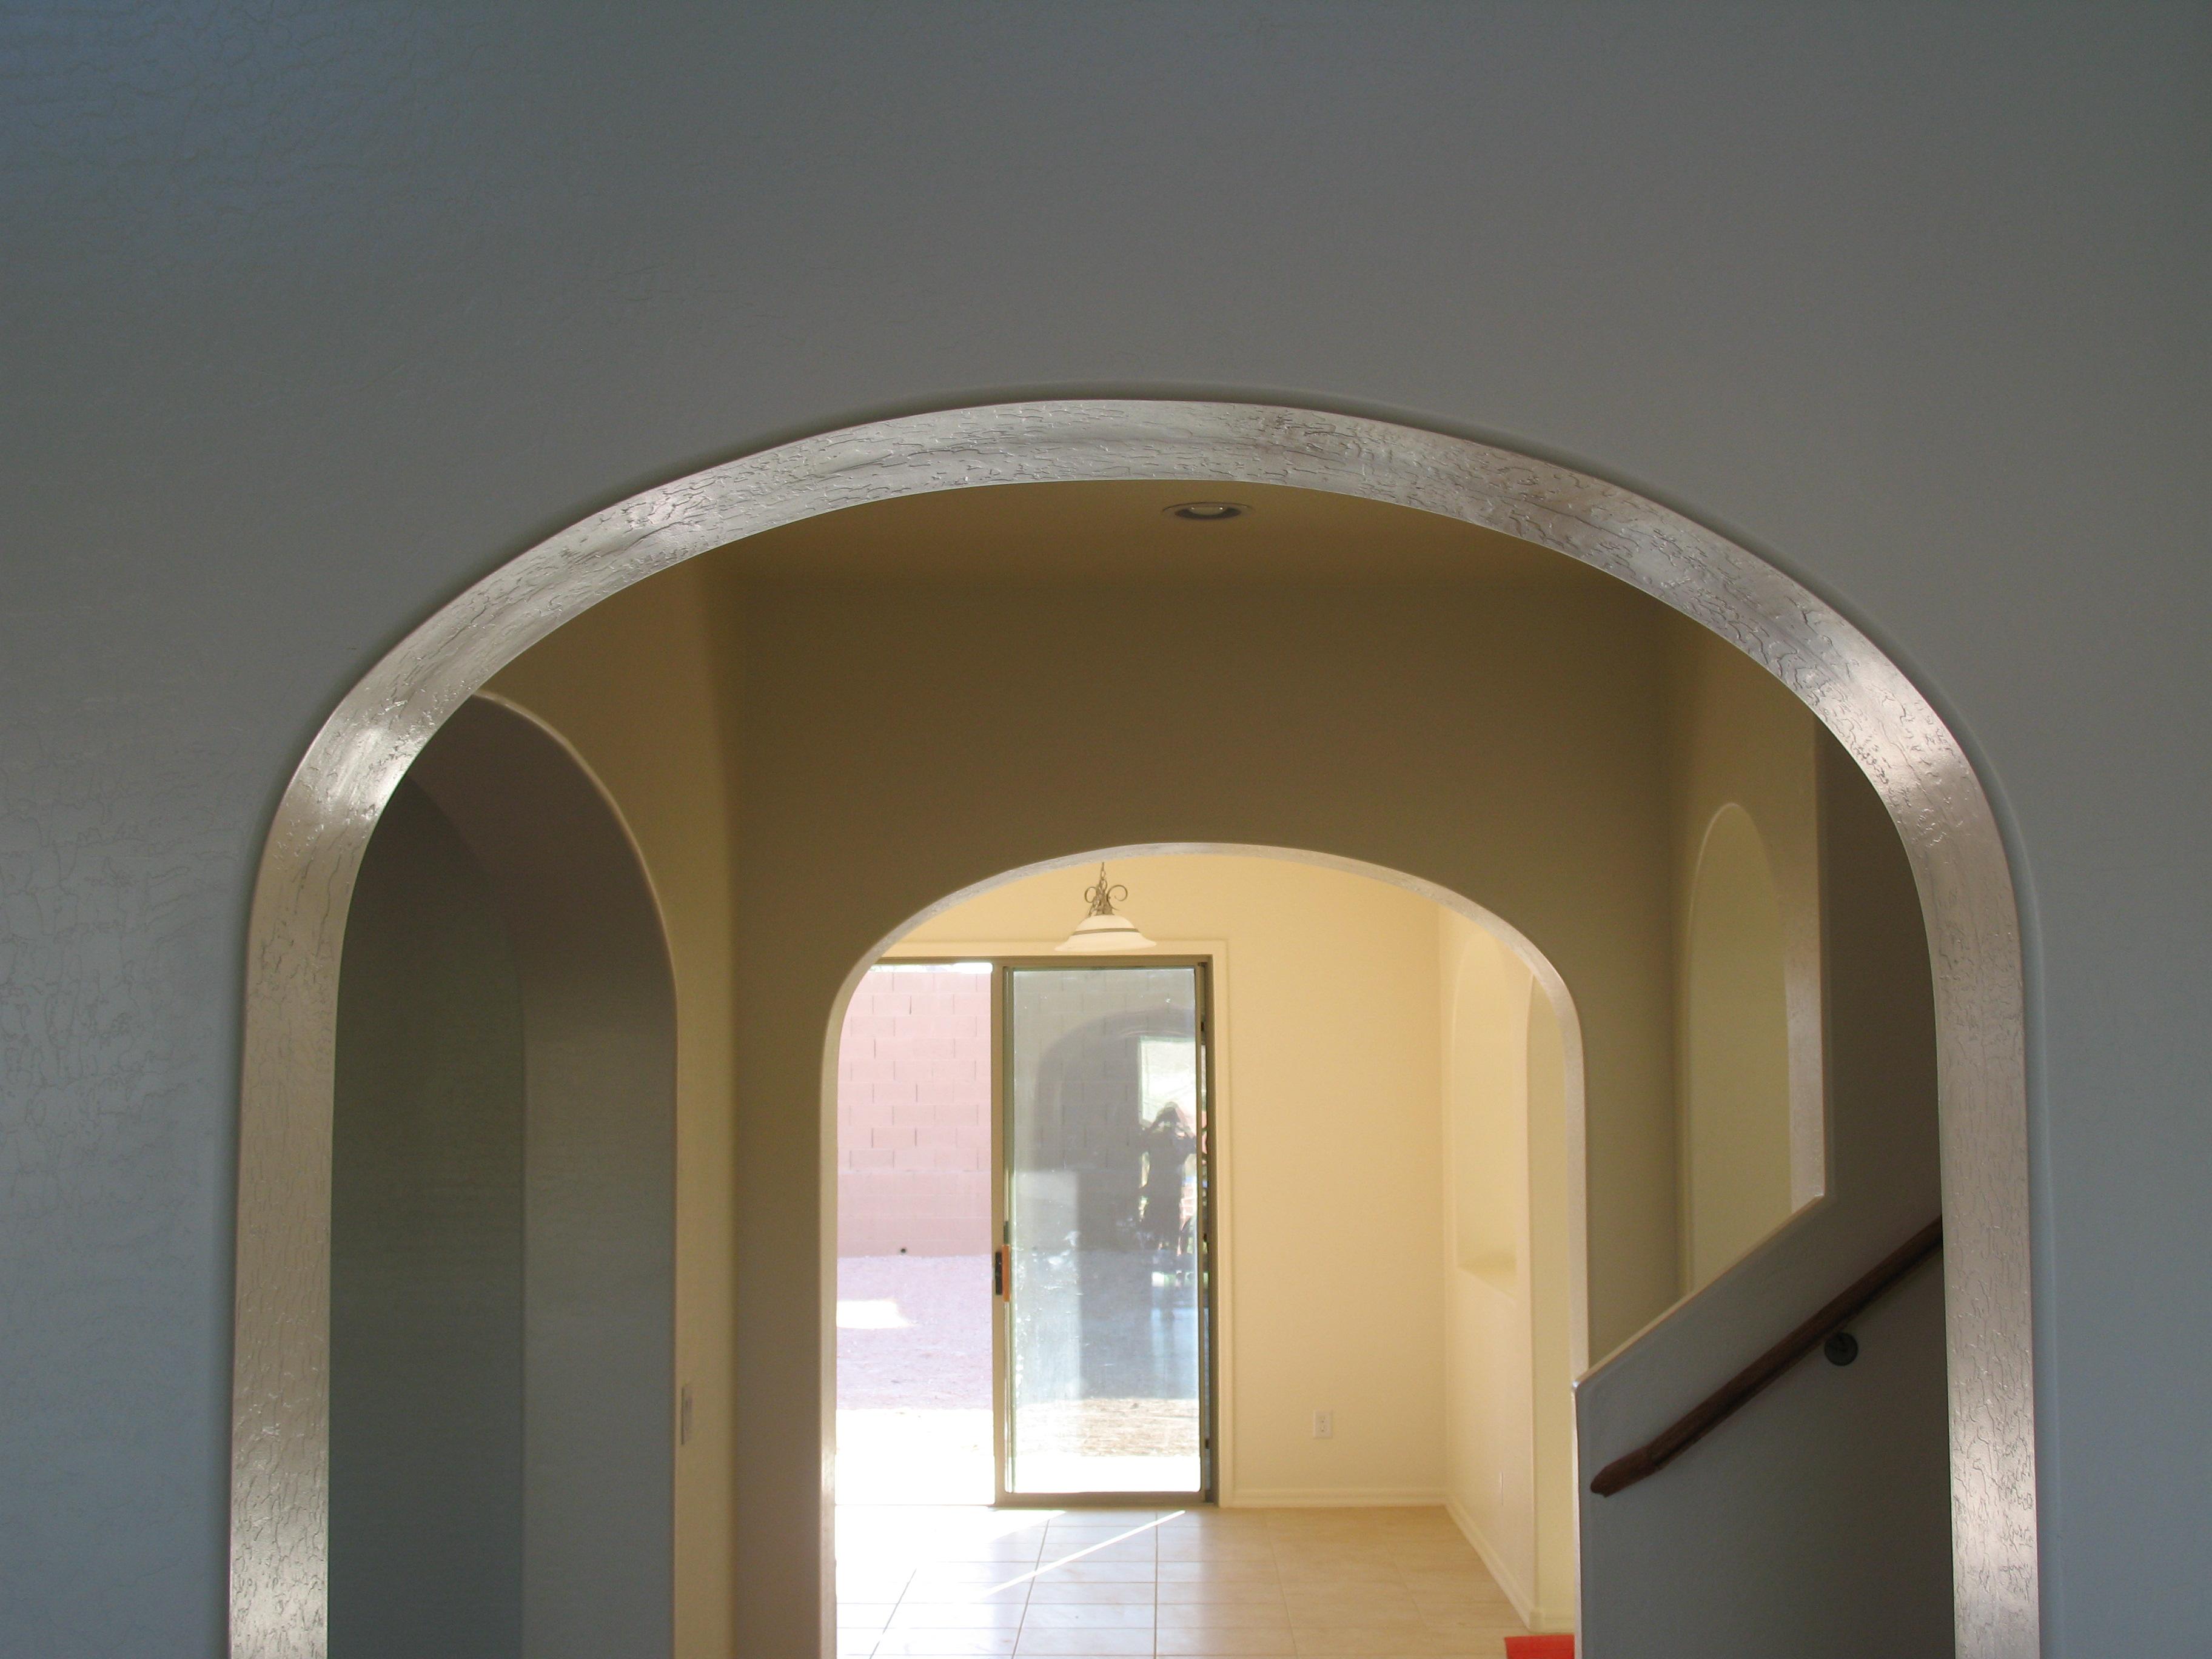 сага сумерки, арки из гипсокартона уфа фото первый